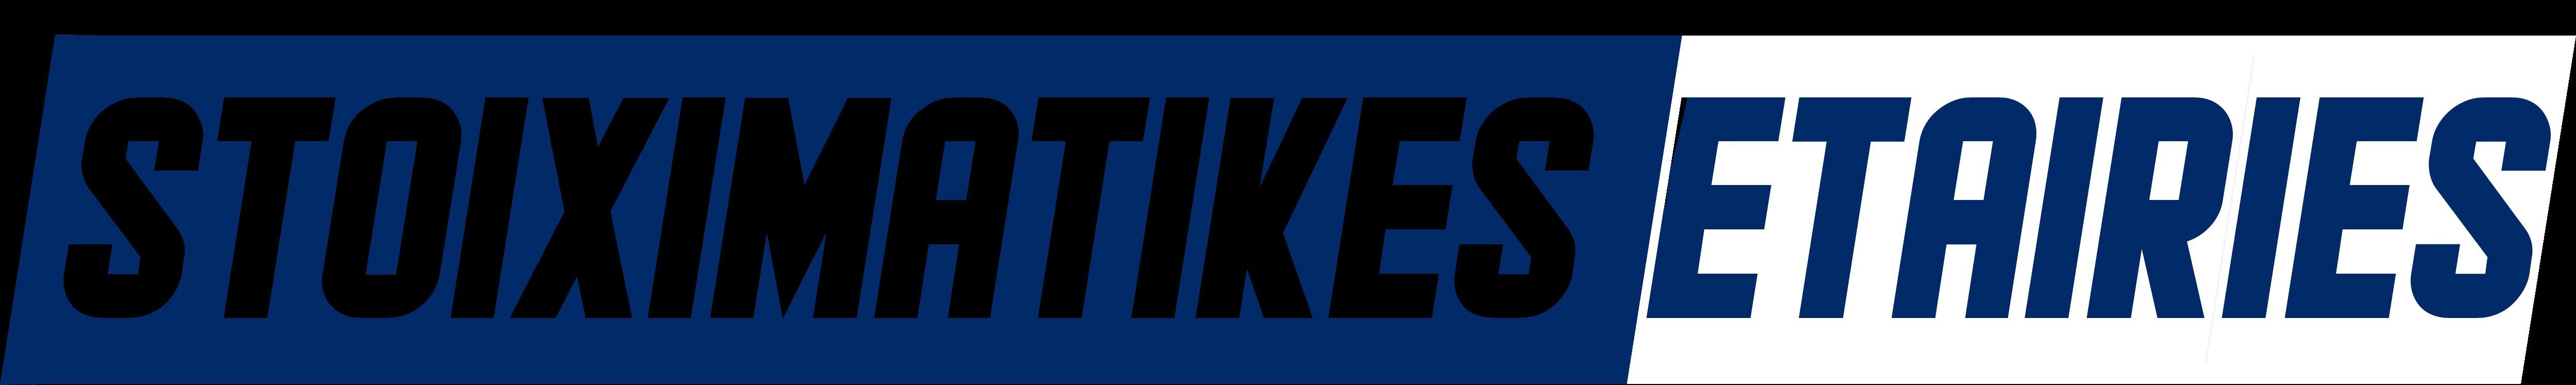 Stoiximatikes Etairies – στοιχηματικες εταιριες Νόμιμες 2020 ?